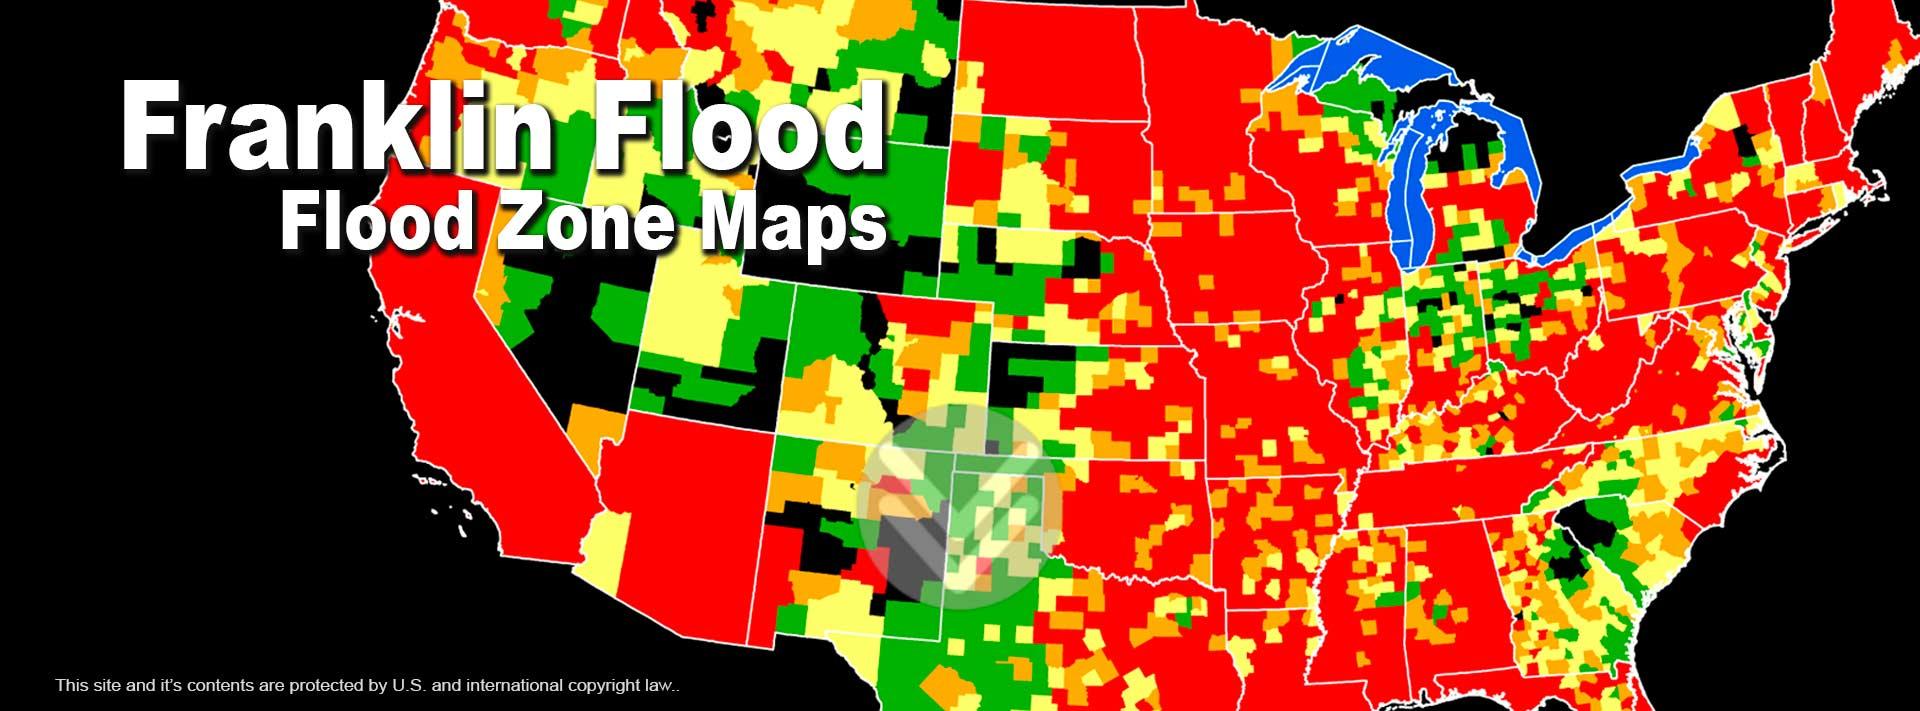 Flood Zone Rate Maps Explained - 100 Year Flood Map Florida